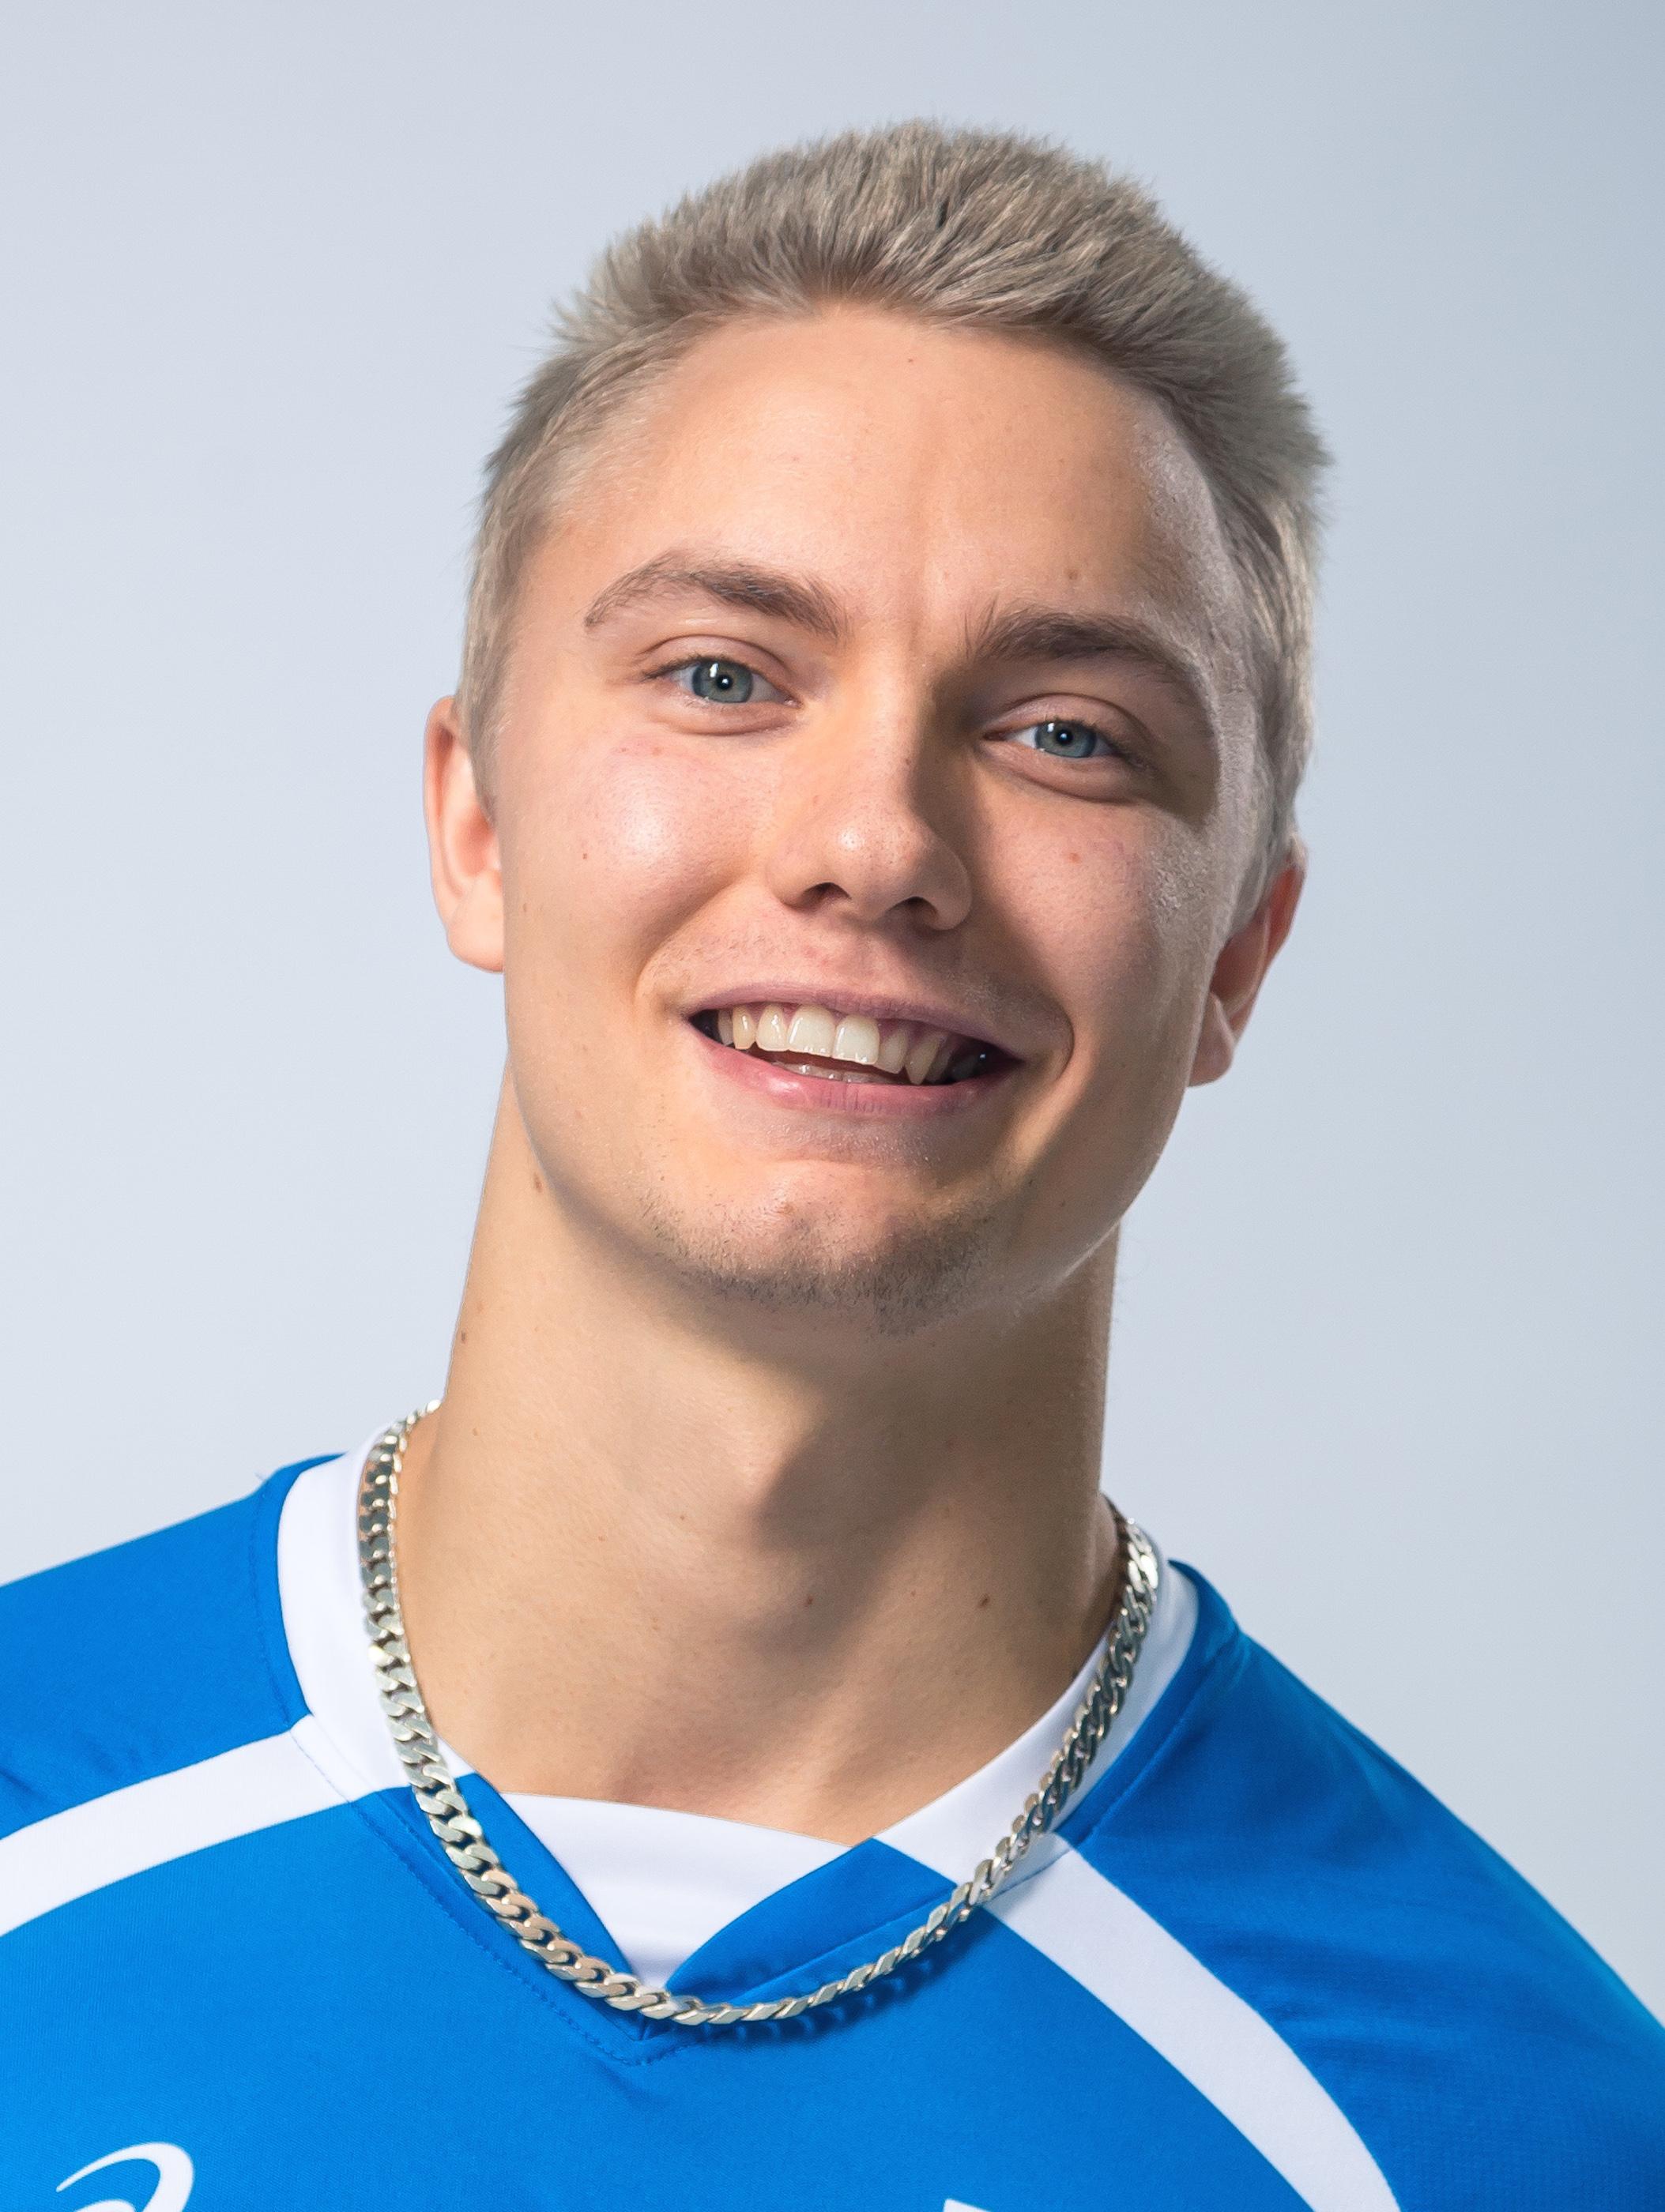 Lauri Kerminen